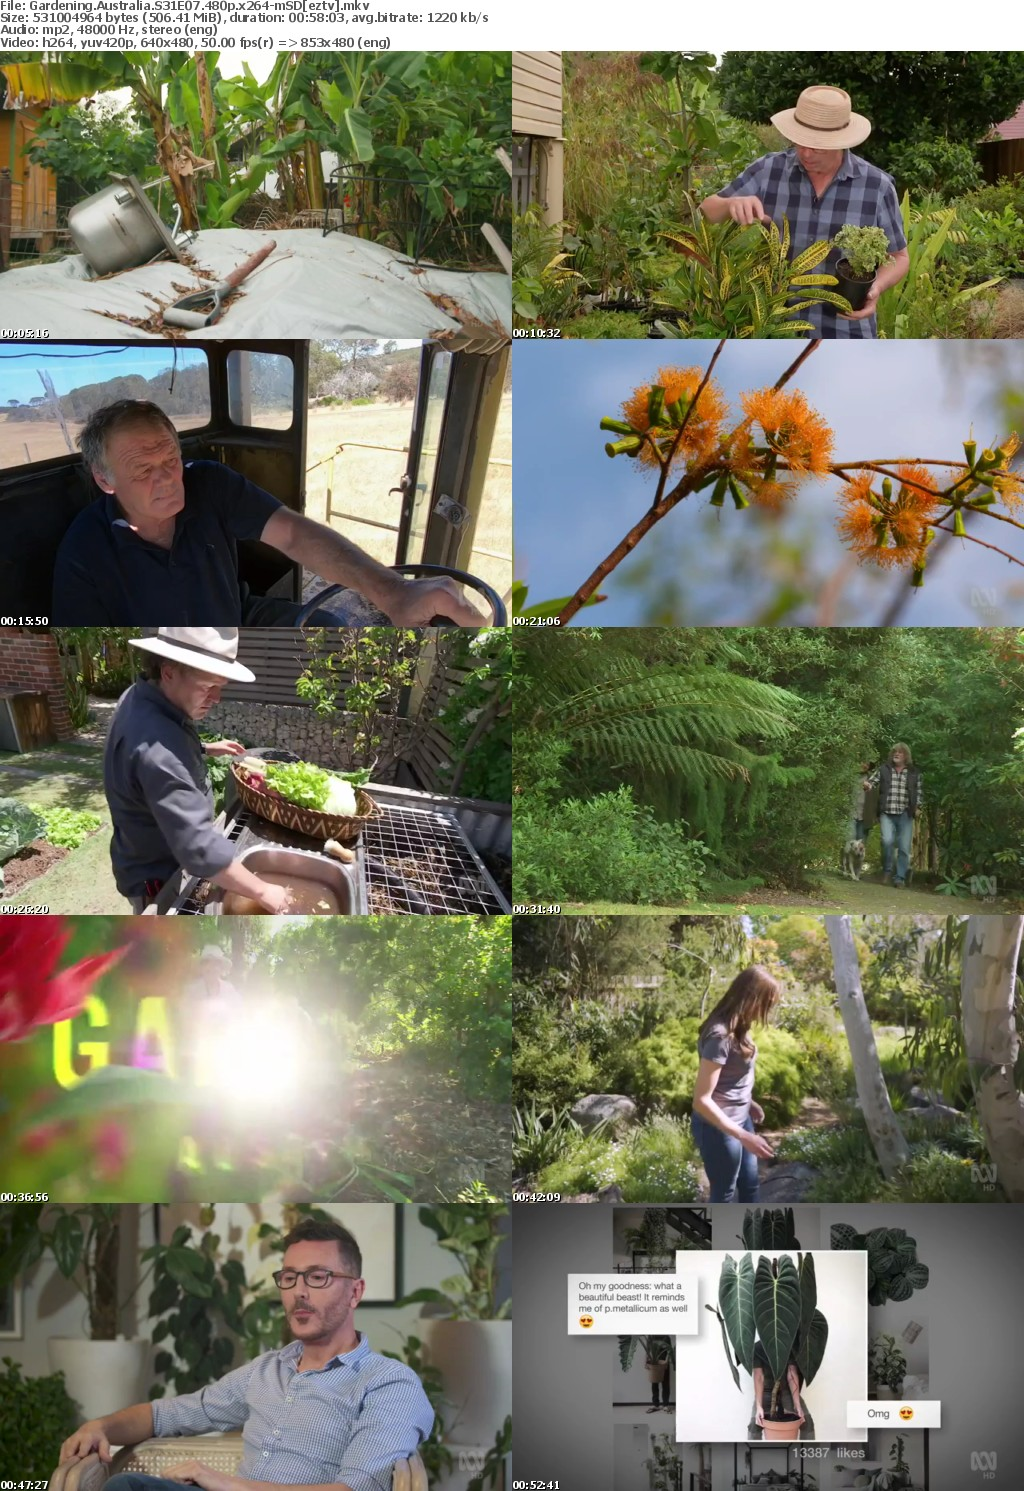 Gardening Australia S31E07 480p x264-mSD